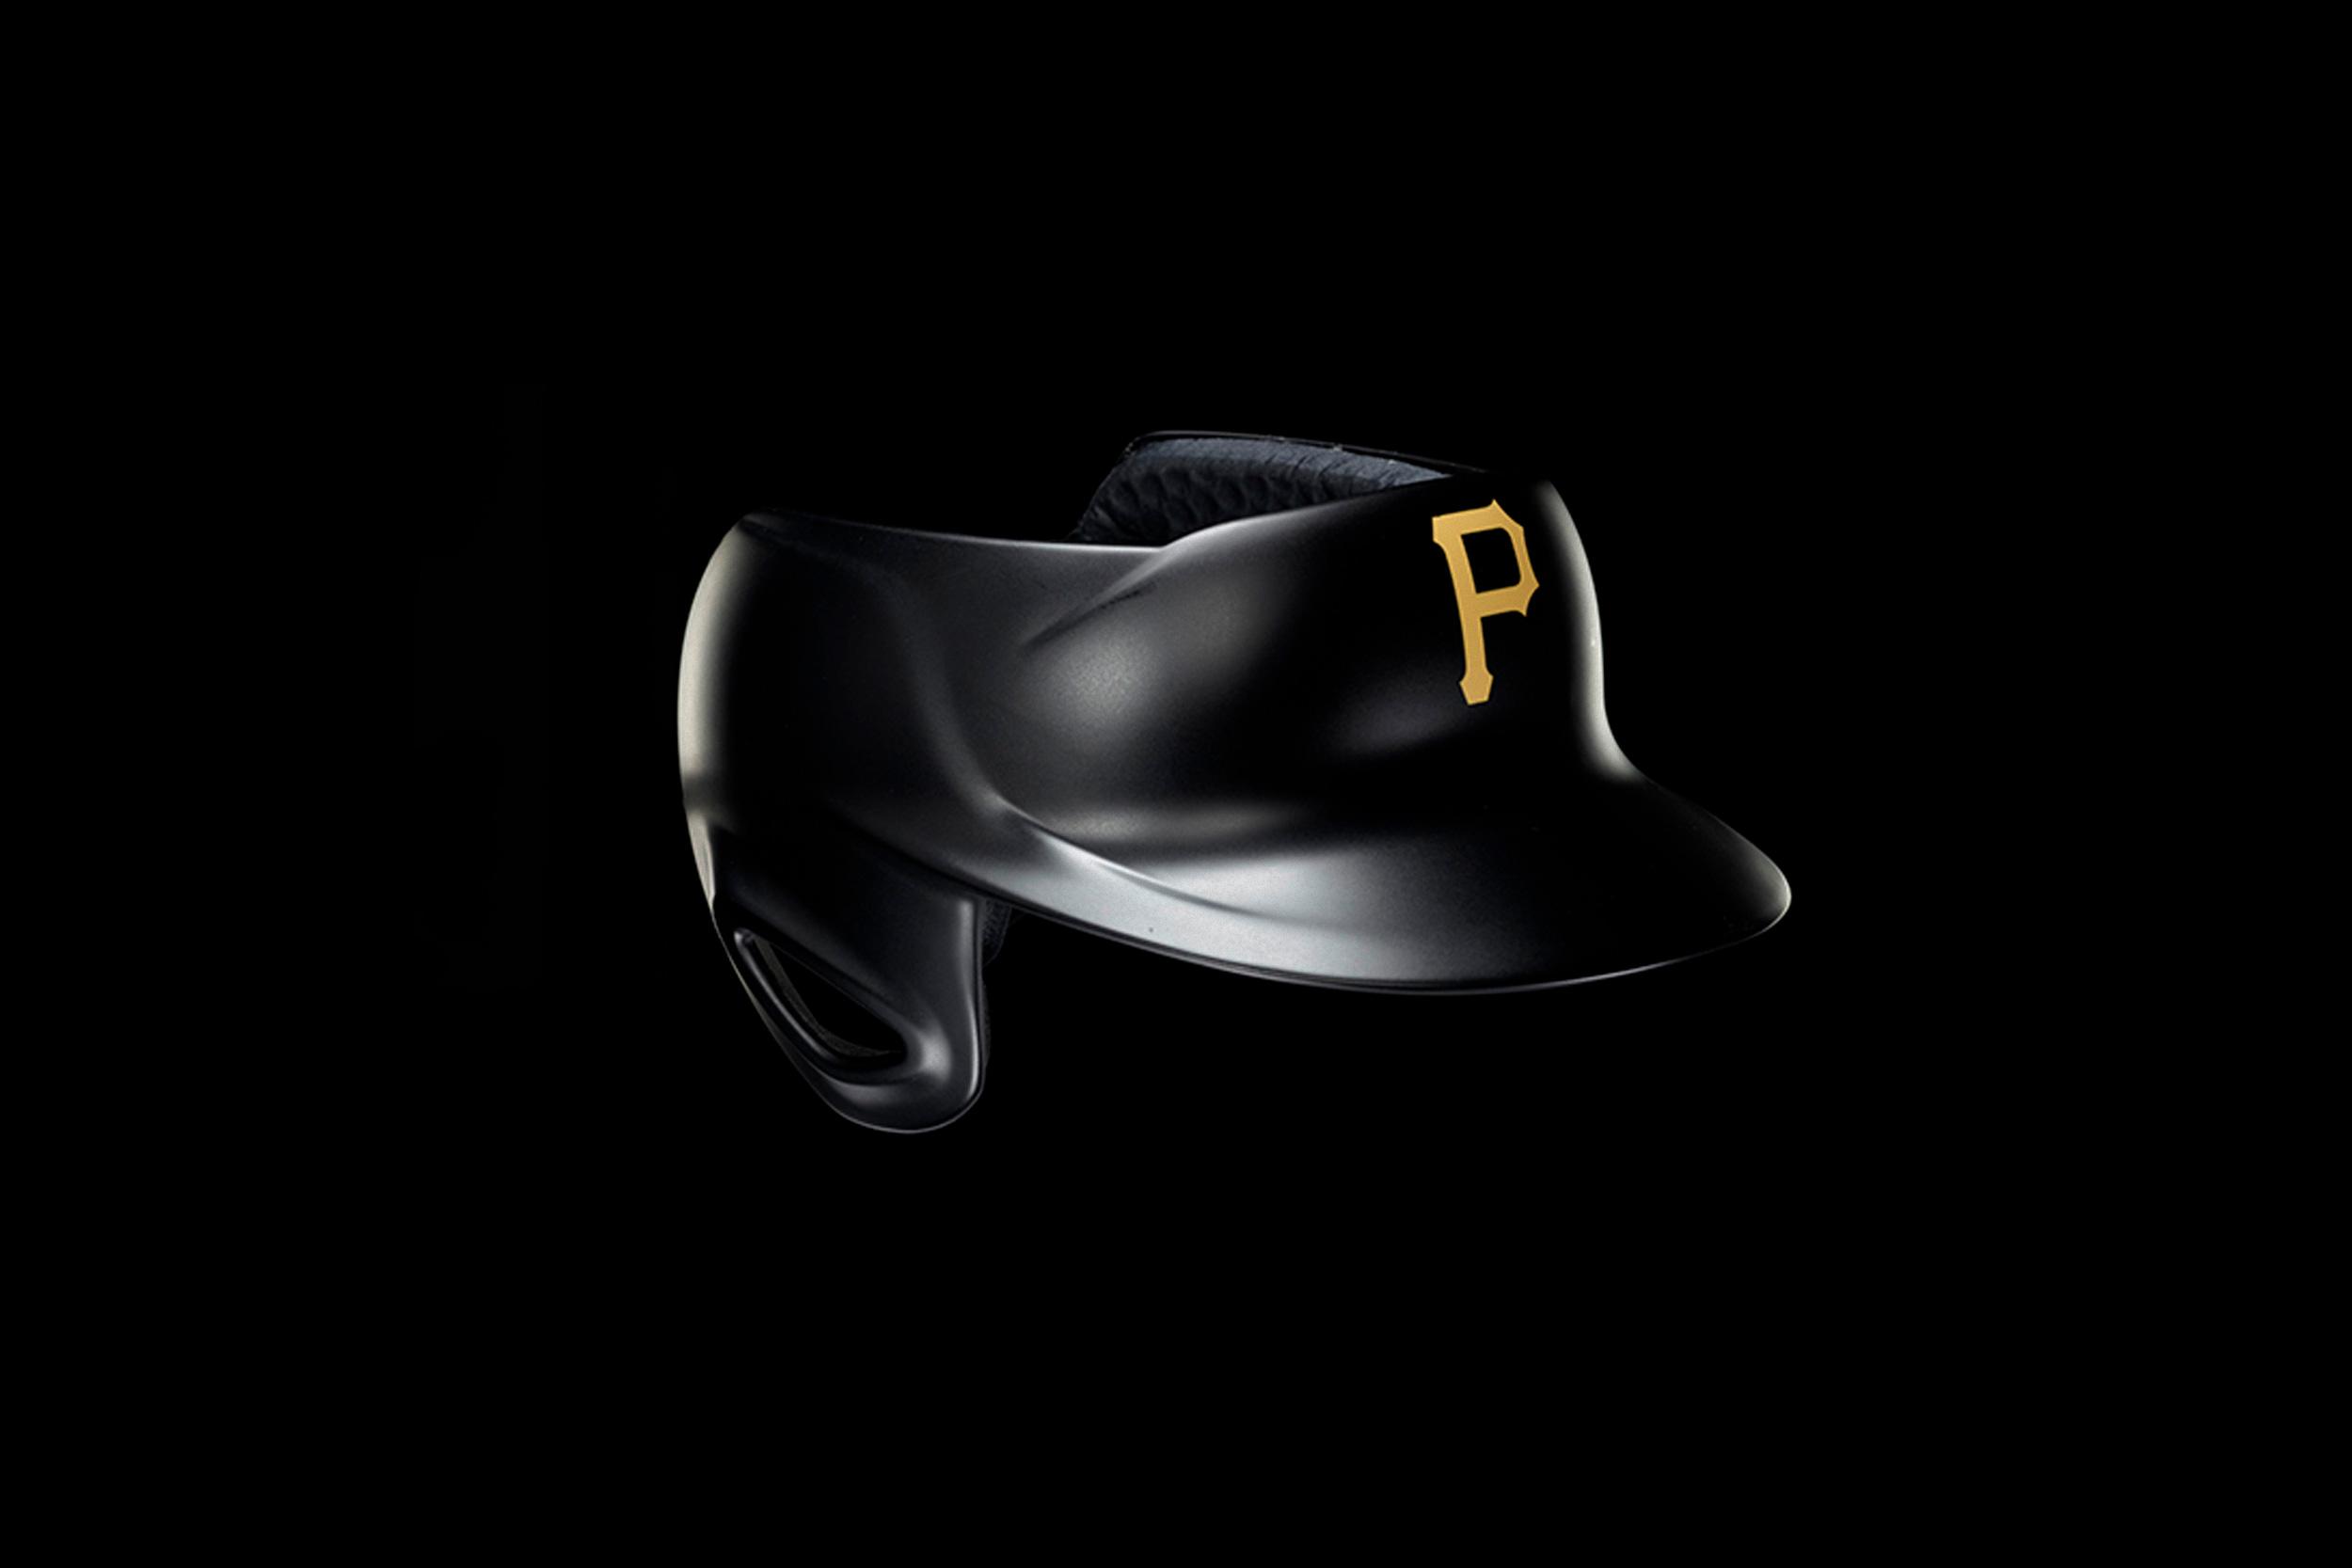 MLB_4.jpg